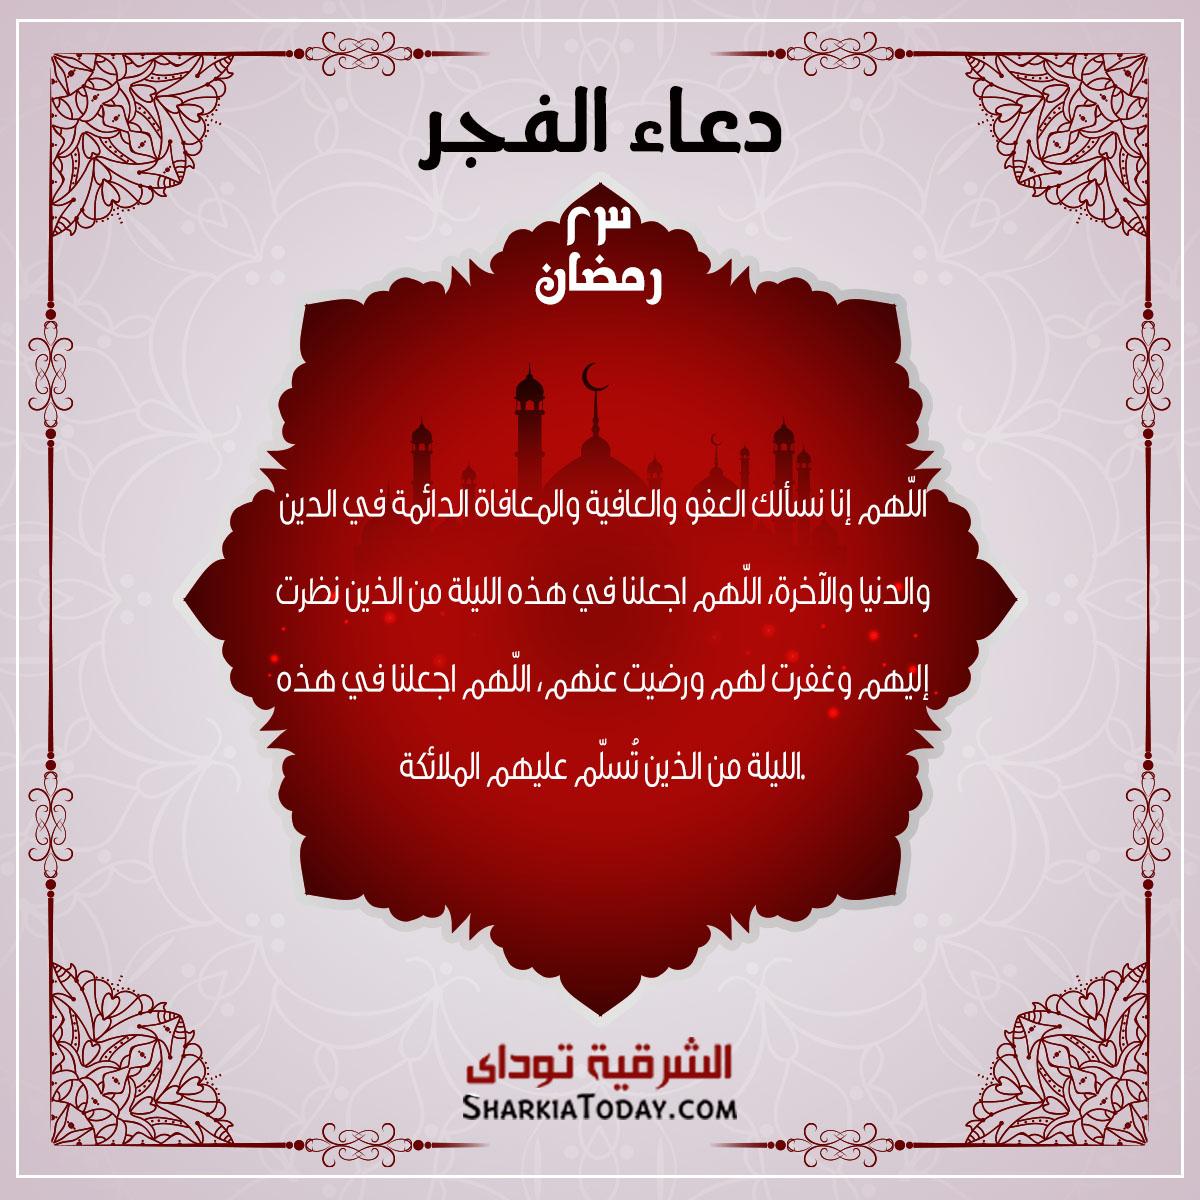 دعاء الفجر 23 رمضان